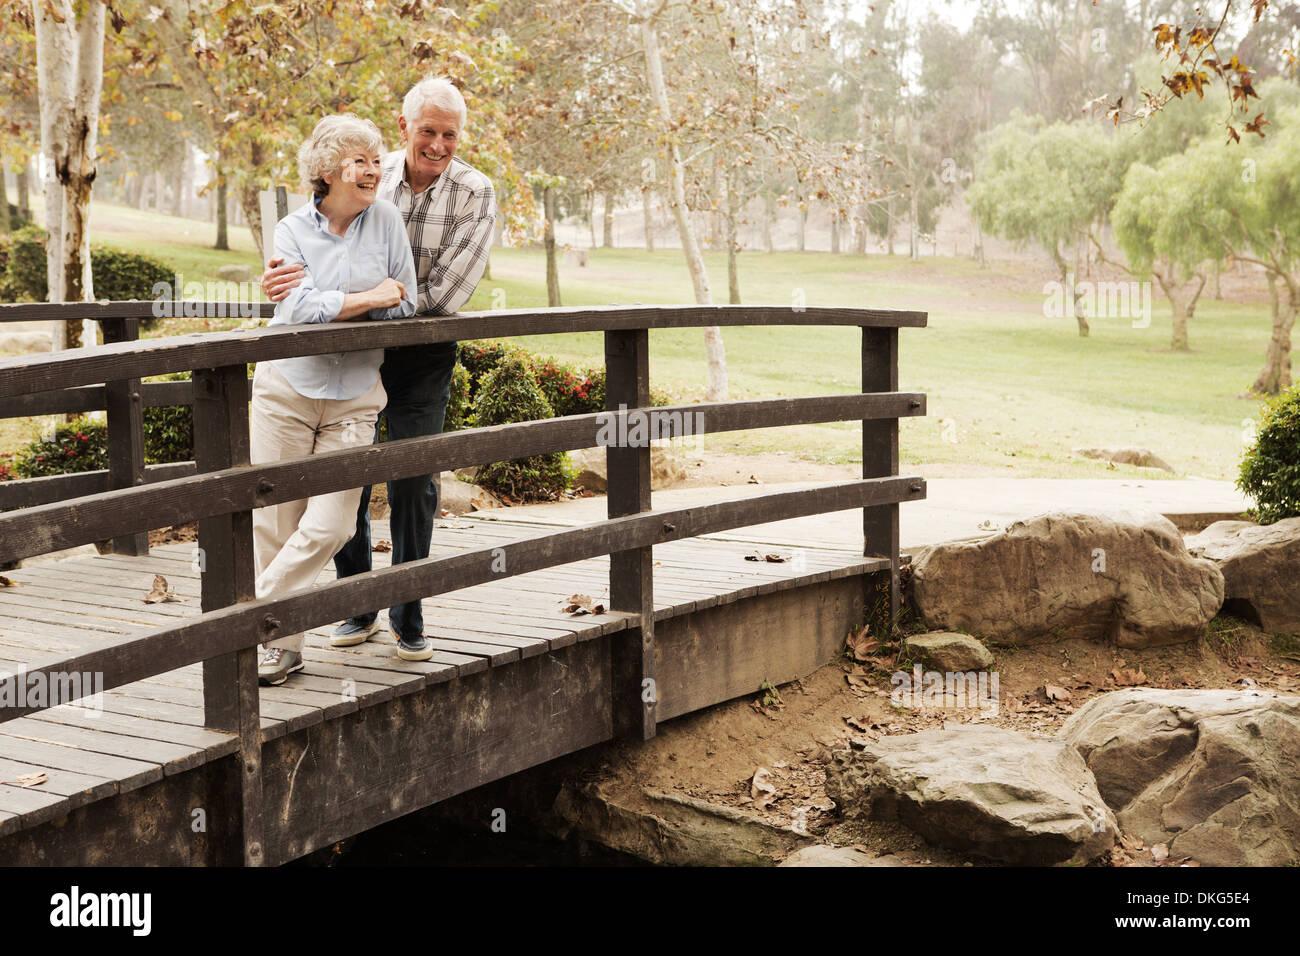 Mari et femme chat amoureusement sur le pont dans le parc Photo Stock